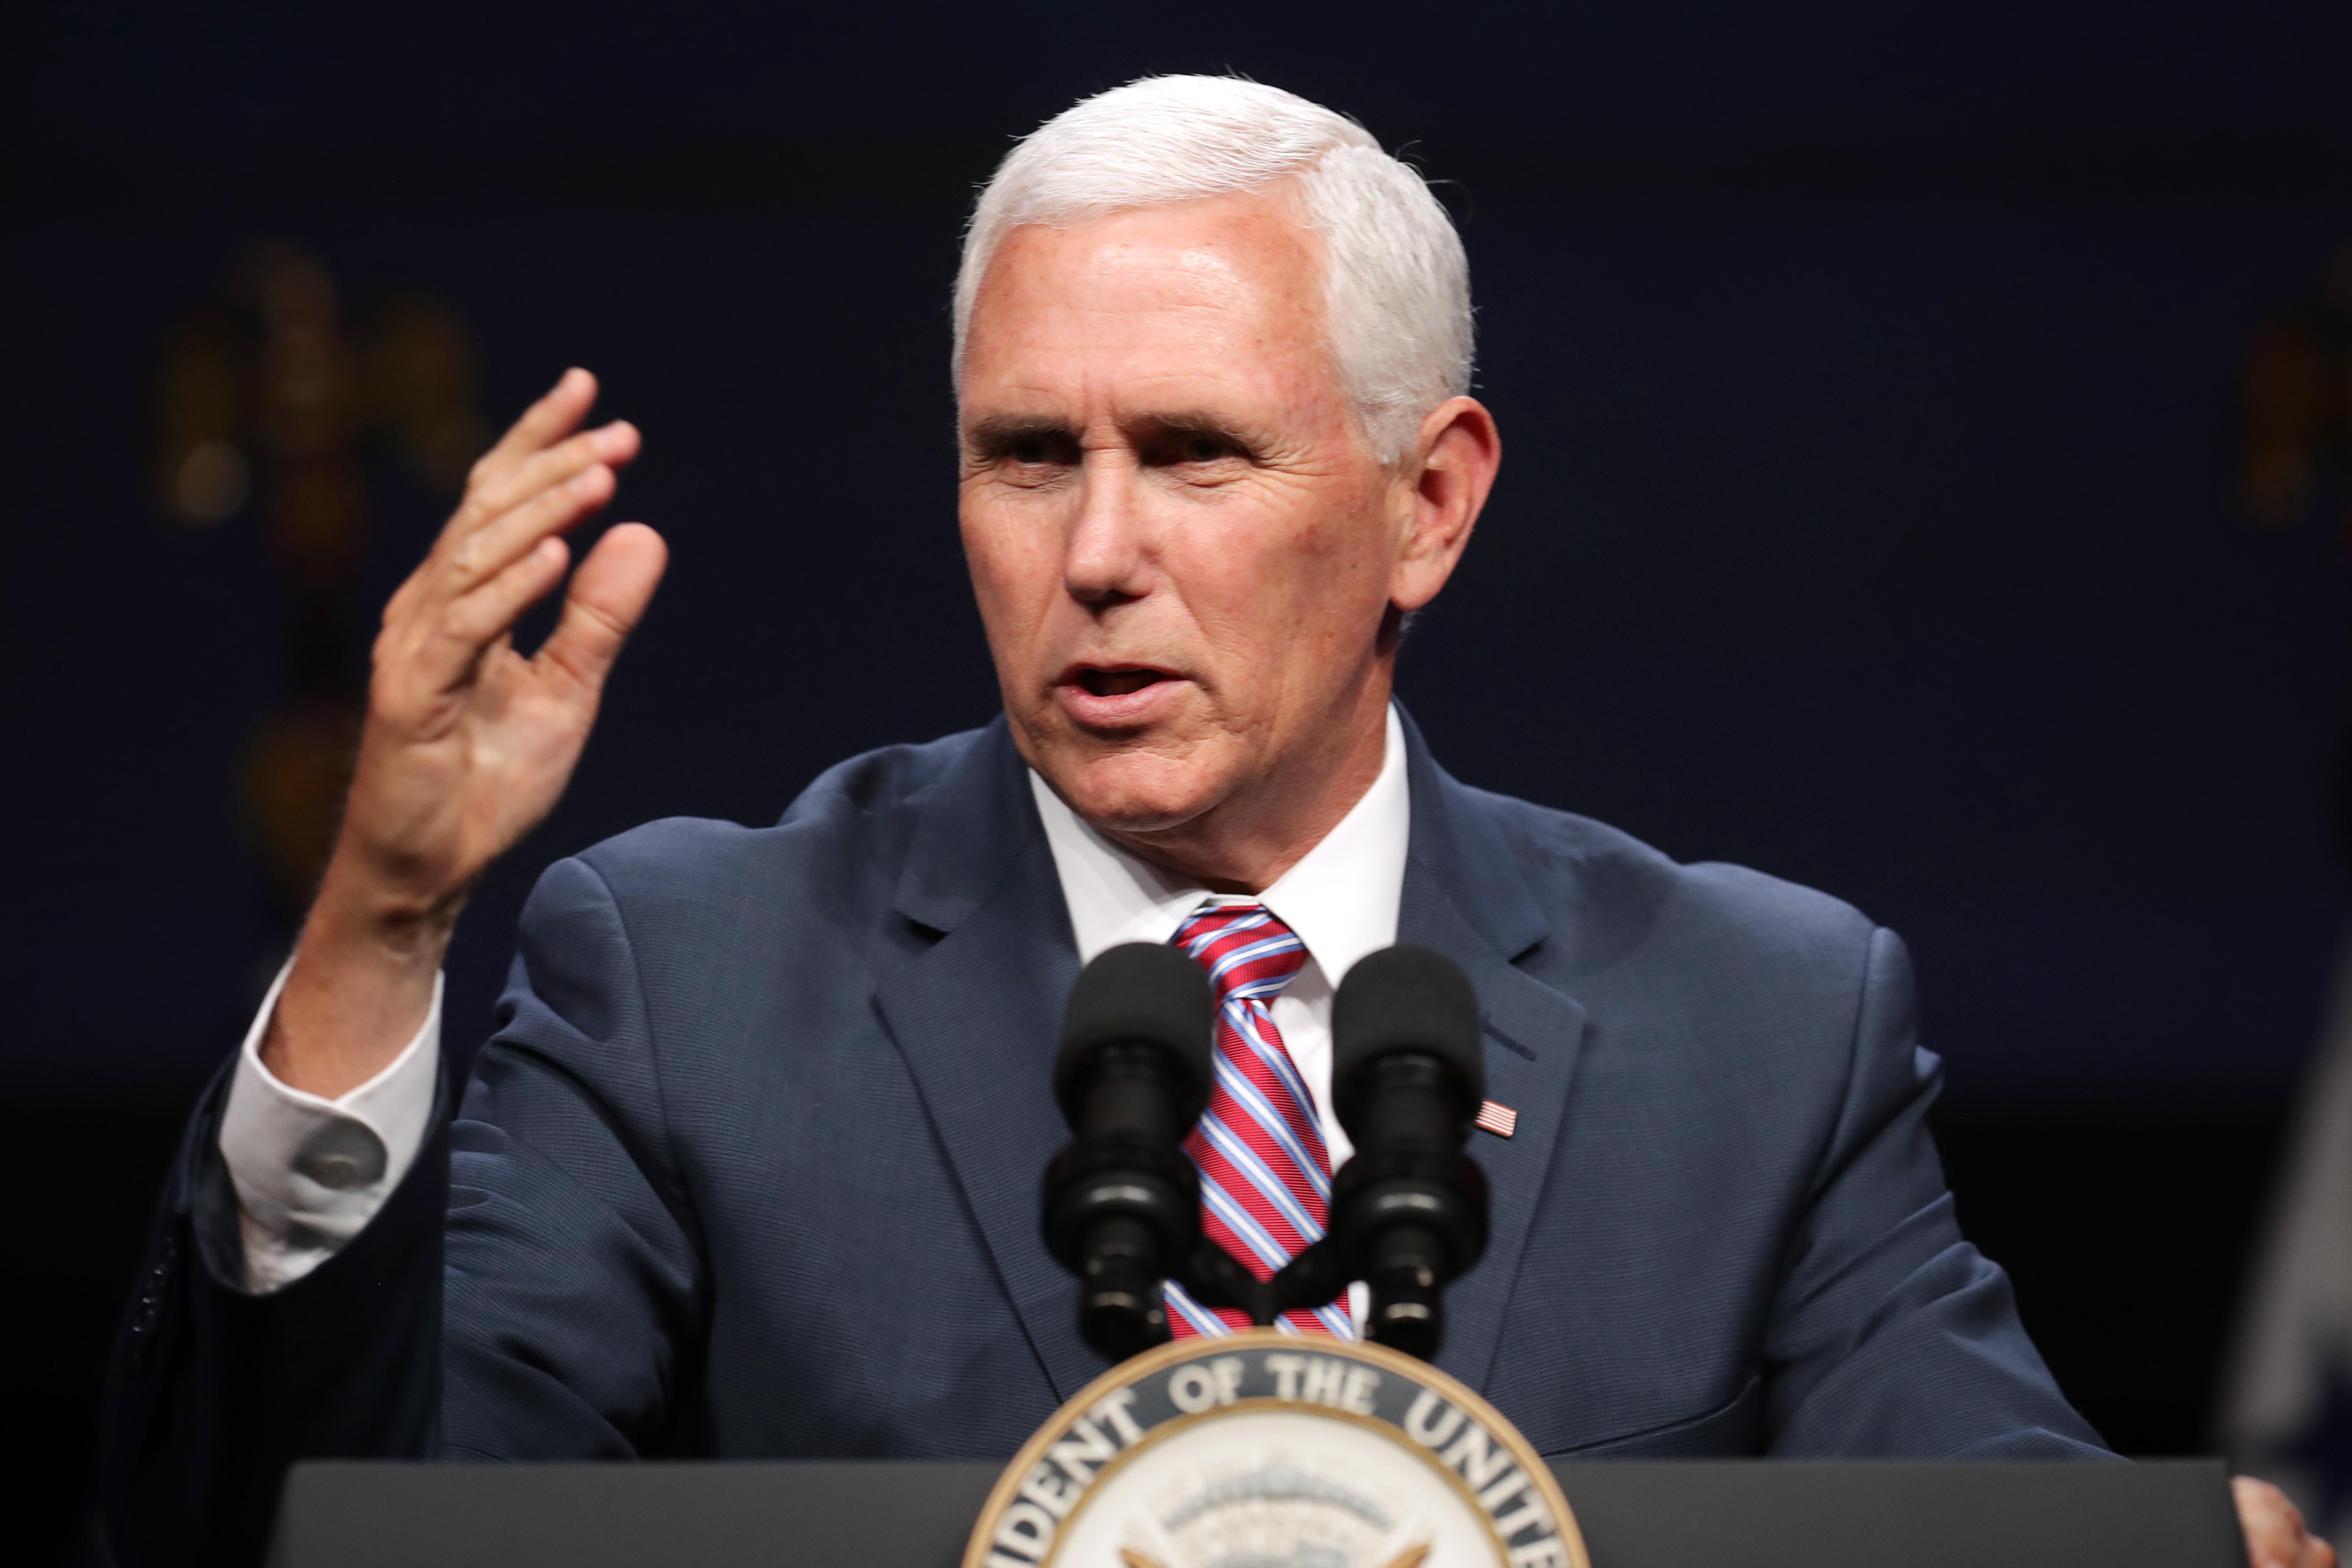 美國副總統邁克·彭斯(Mike Pence)將於周二(5月7日)針對鼓勵委內瑞拉軍人投正問題發表講話。(Chip Somodevilla/Getty Images)